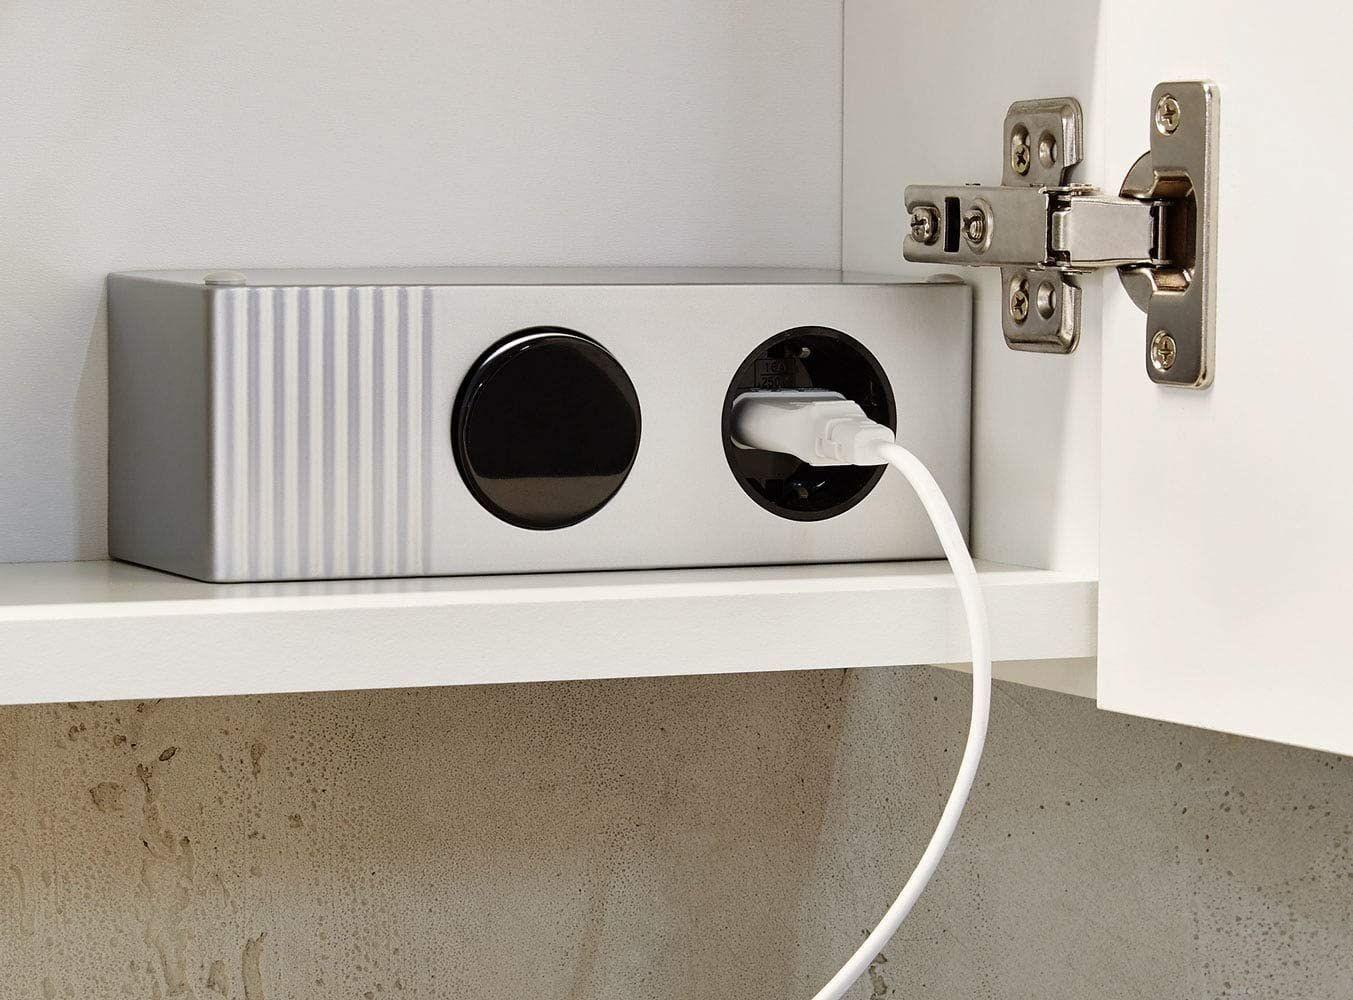 Emotion Spiegelschrank 60x68x16cm Mit Led Leuchte Weiss Matt Amazon De Kuche Haushalt In 2020 Spiegelschrank Led Lampe Led